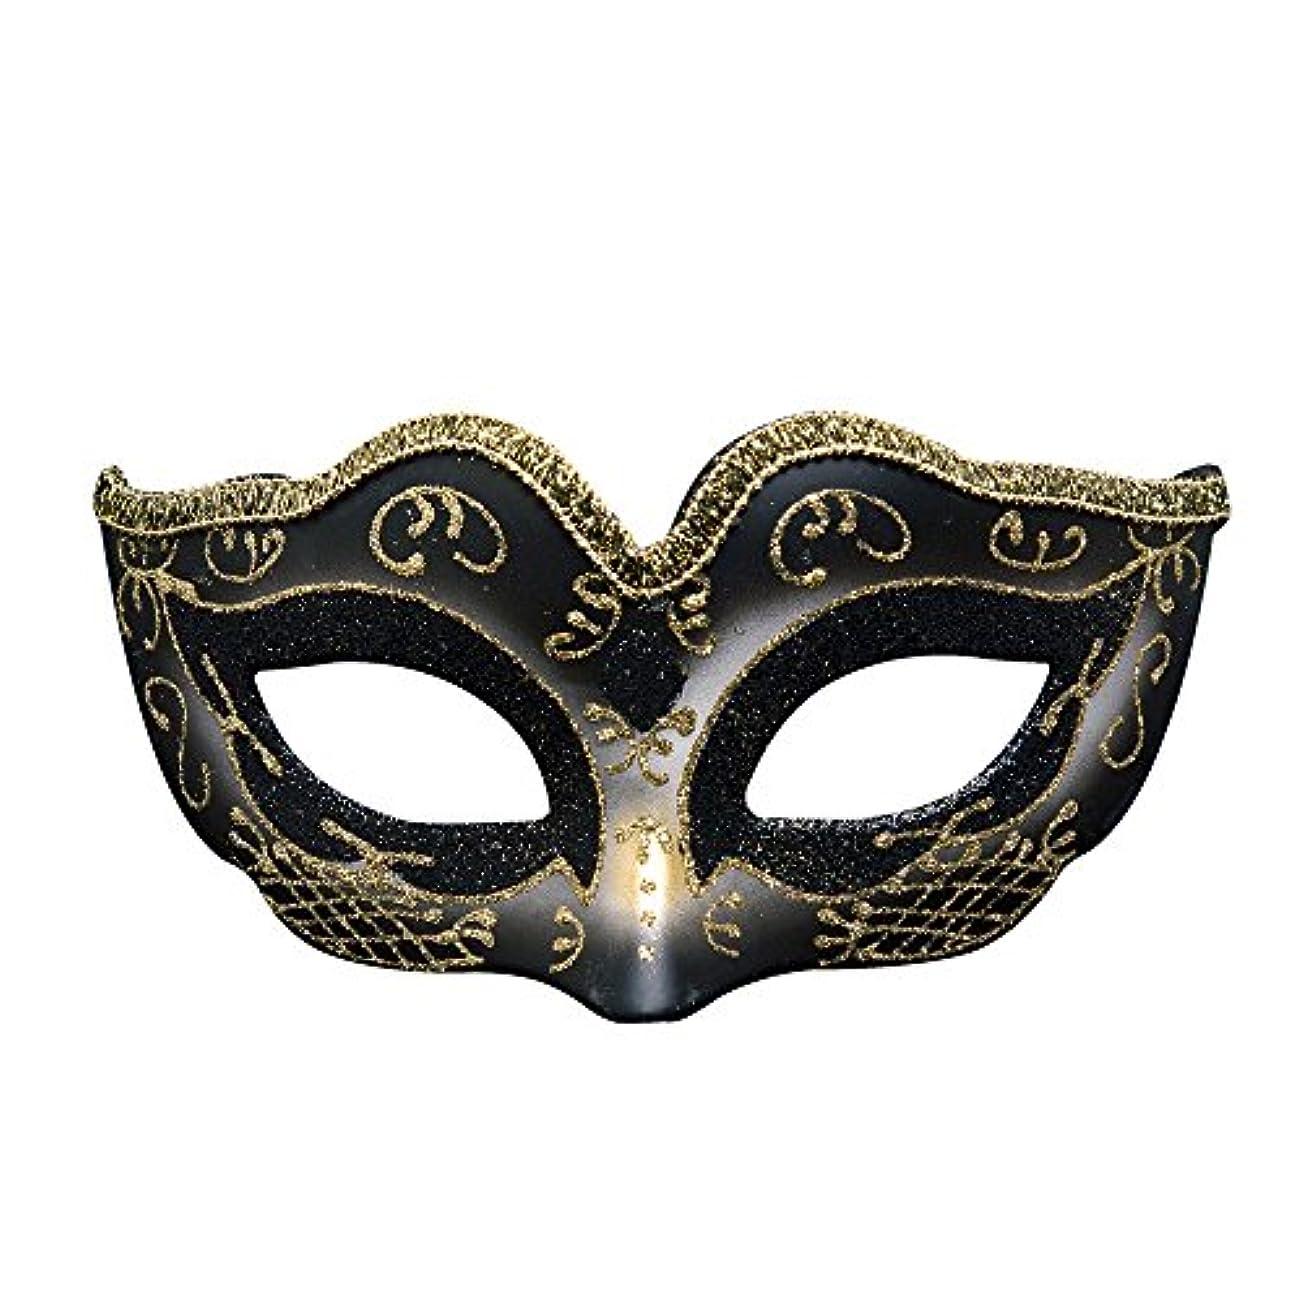 コンチネンタル投資する検閲クリエイティブカスタム子供のなりすましパーティーハロウィーンマスククリスマス雰囲気マスク (Color : F)